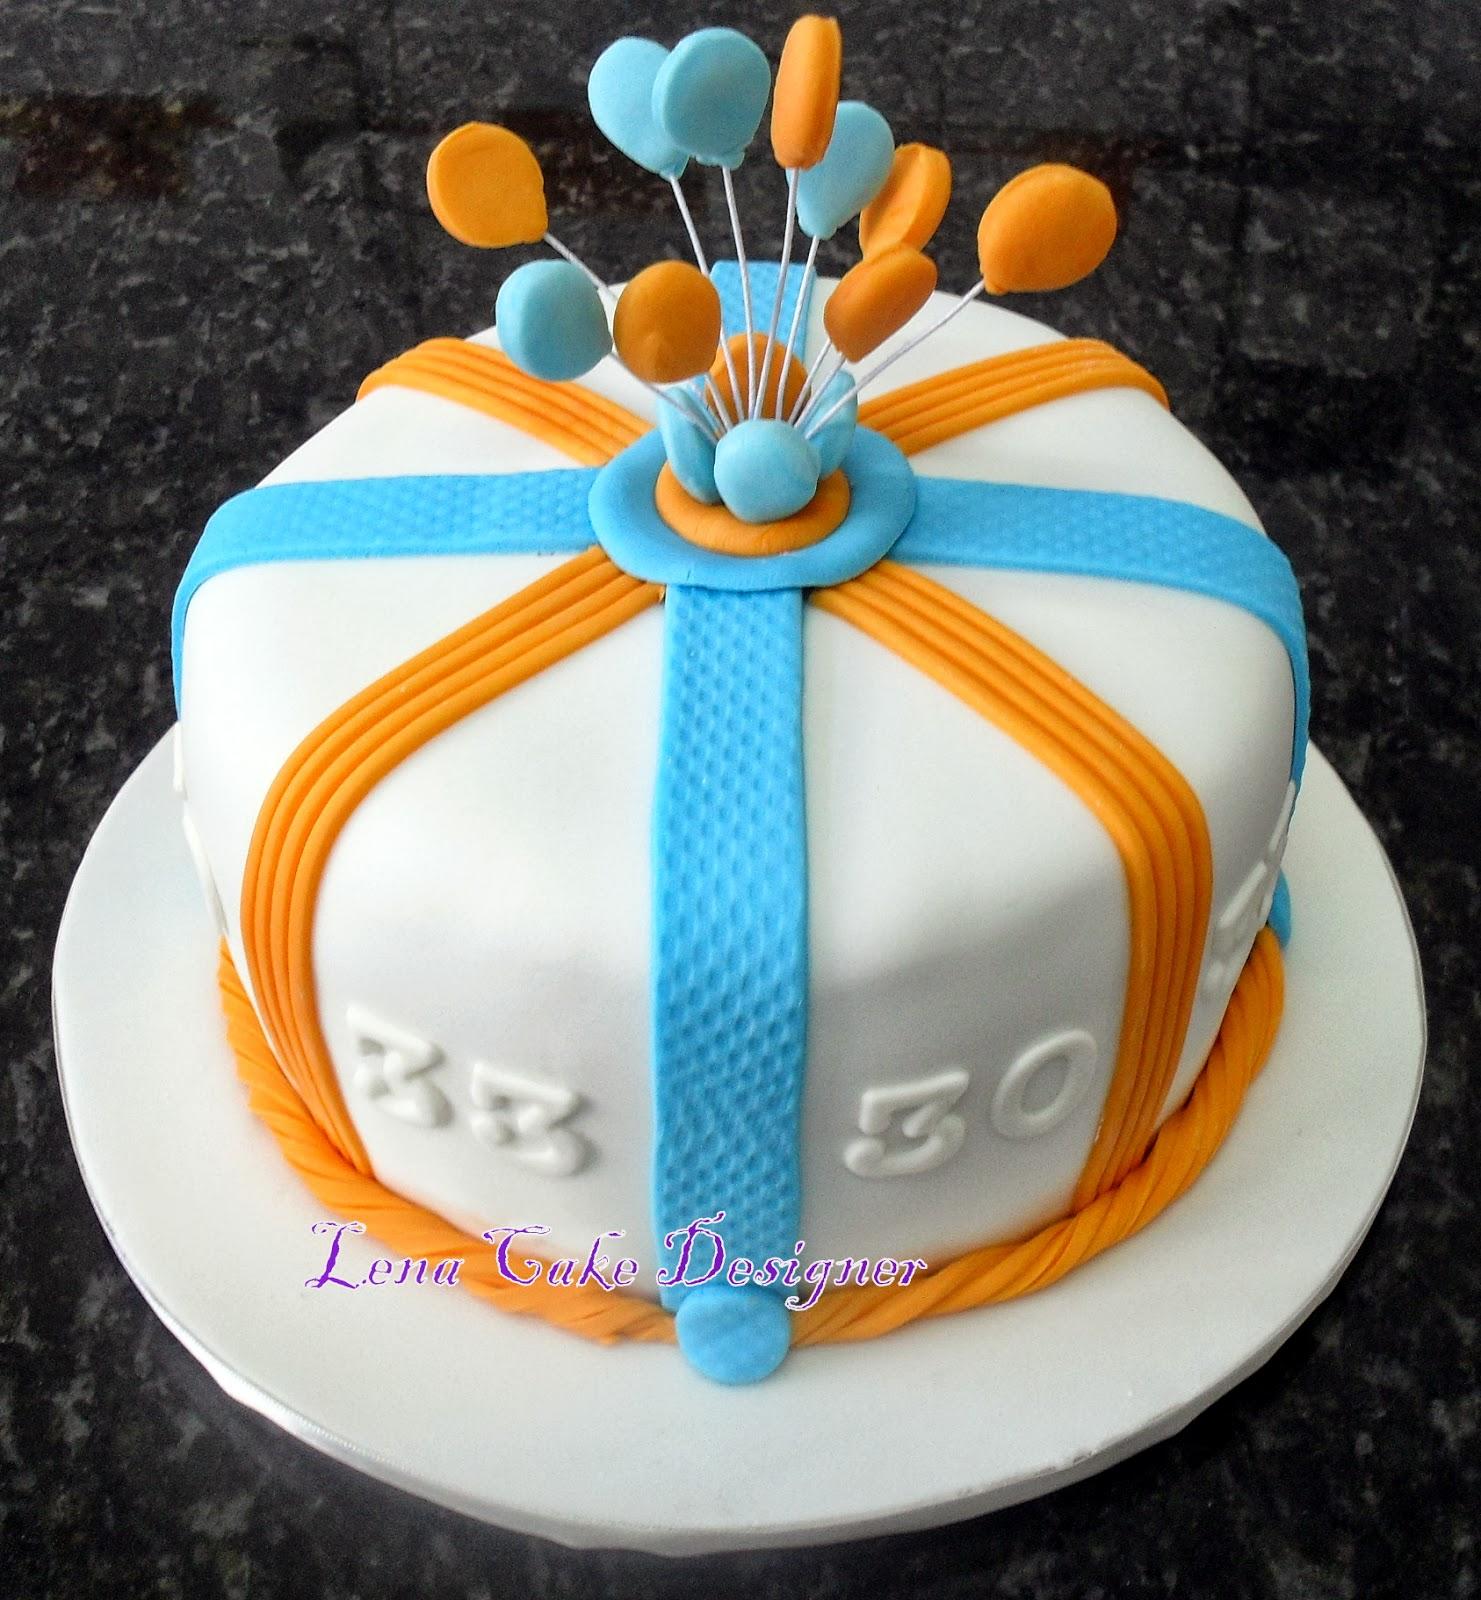 Lena bolos decorados aniversrio de 30 e 33 anos aniversrio de 30 e 33 anos altavistaventures Gallery